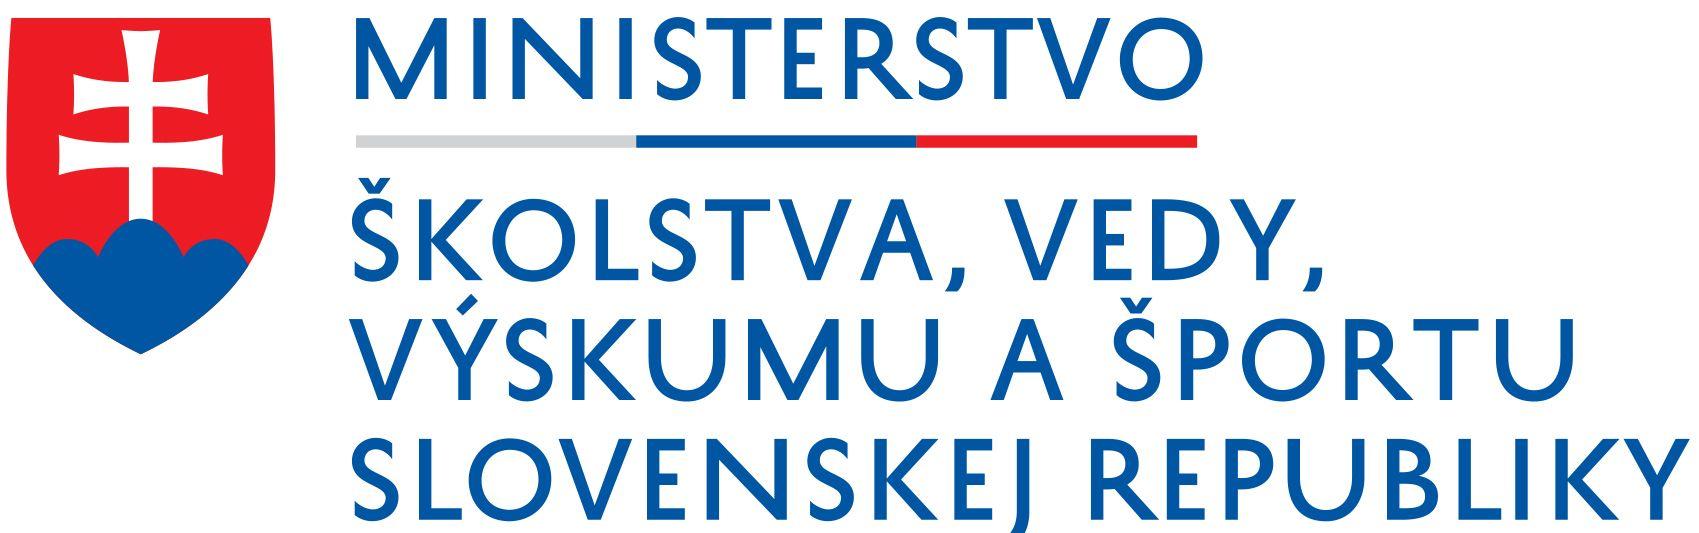 Logo Ministerstvo školstva, vedy, výskumu a športu Slovenskej republiky